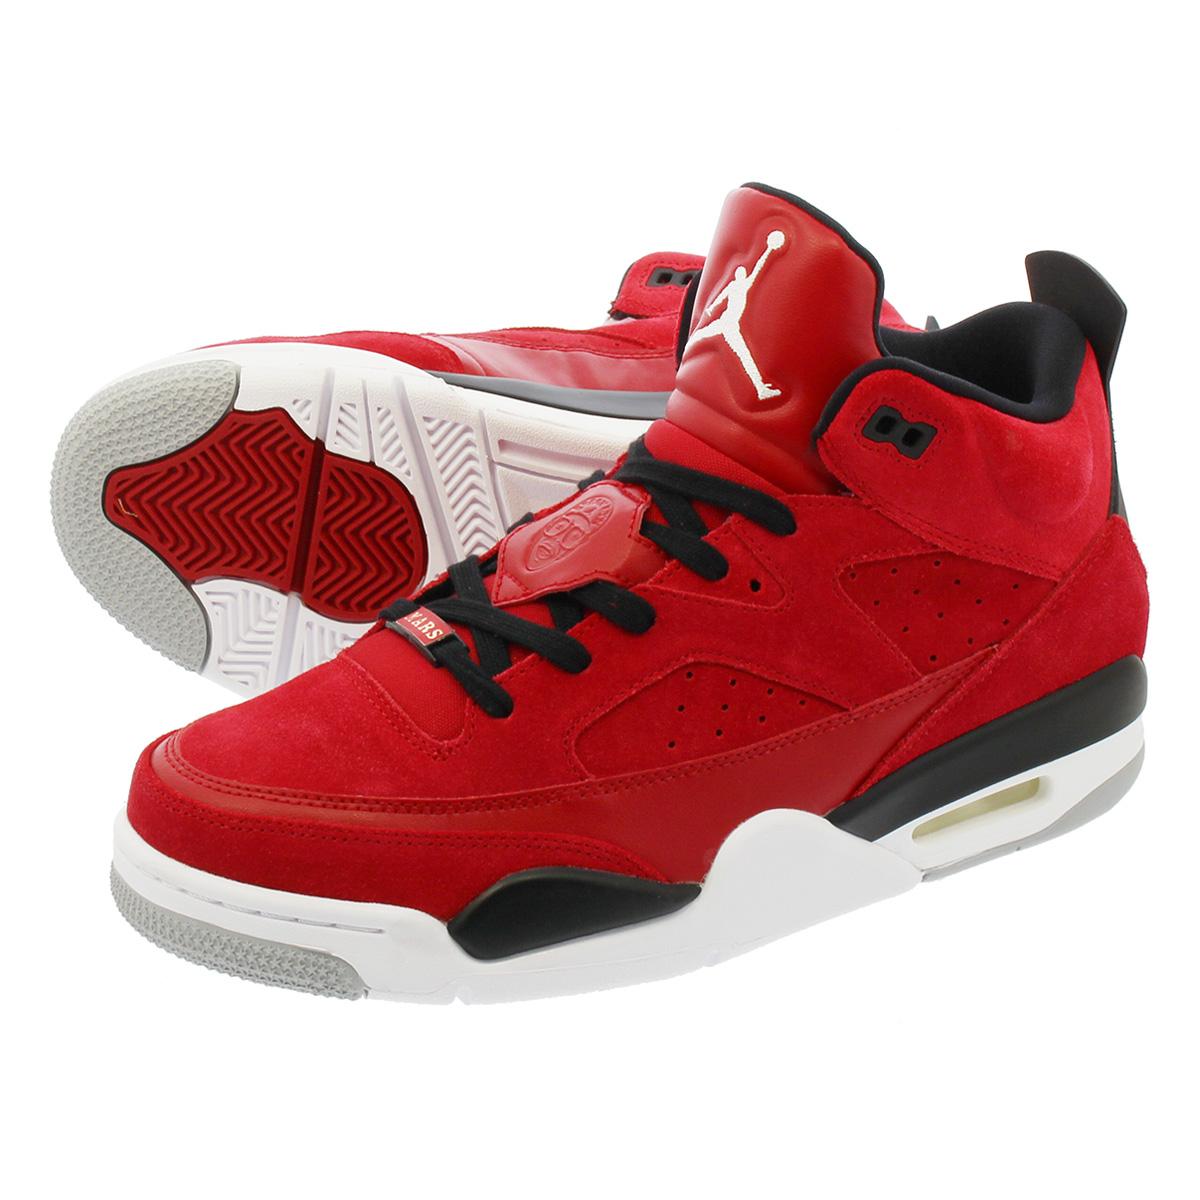 36e8ab5b73a2 LOWTEX PLUS  NIKE JORDAN SON OF LOW Nike Jordan sun of low GYM RED ...